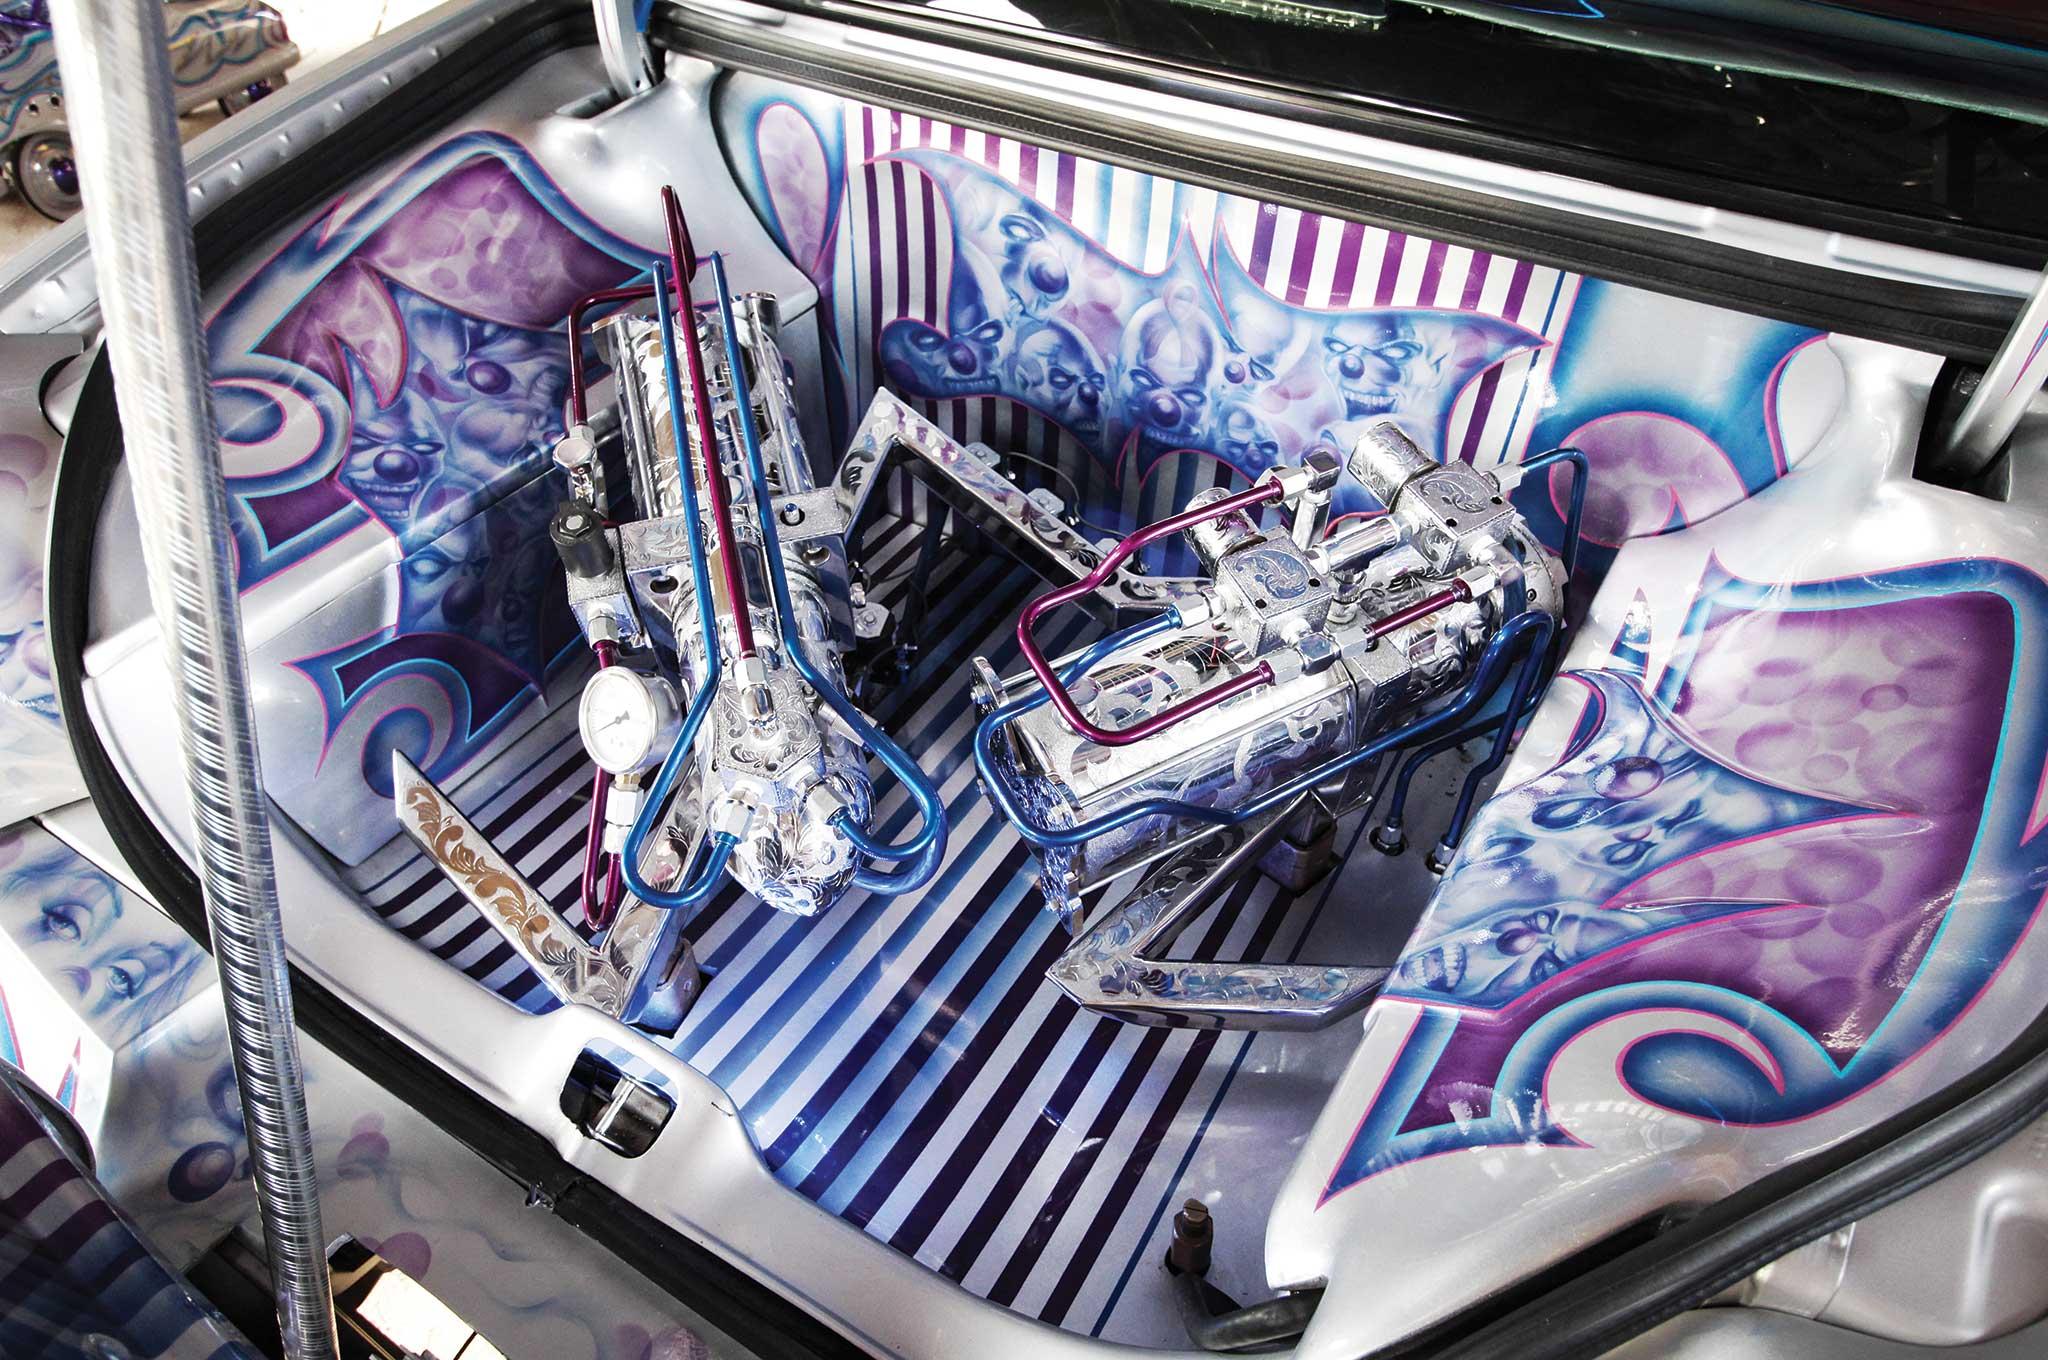 1999 Lincoln Town Car - Str8 Payasiando